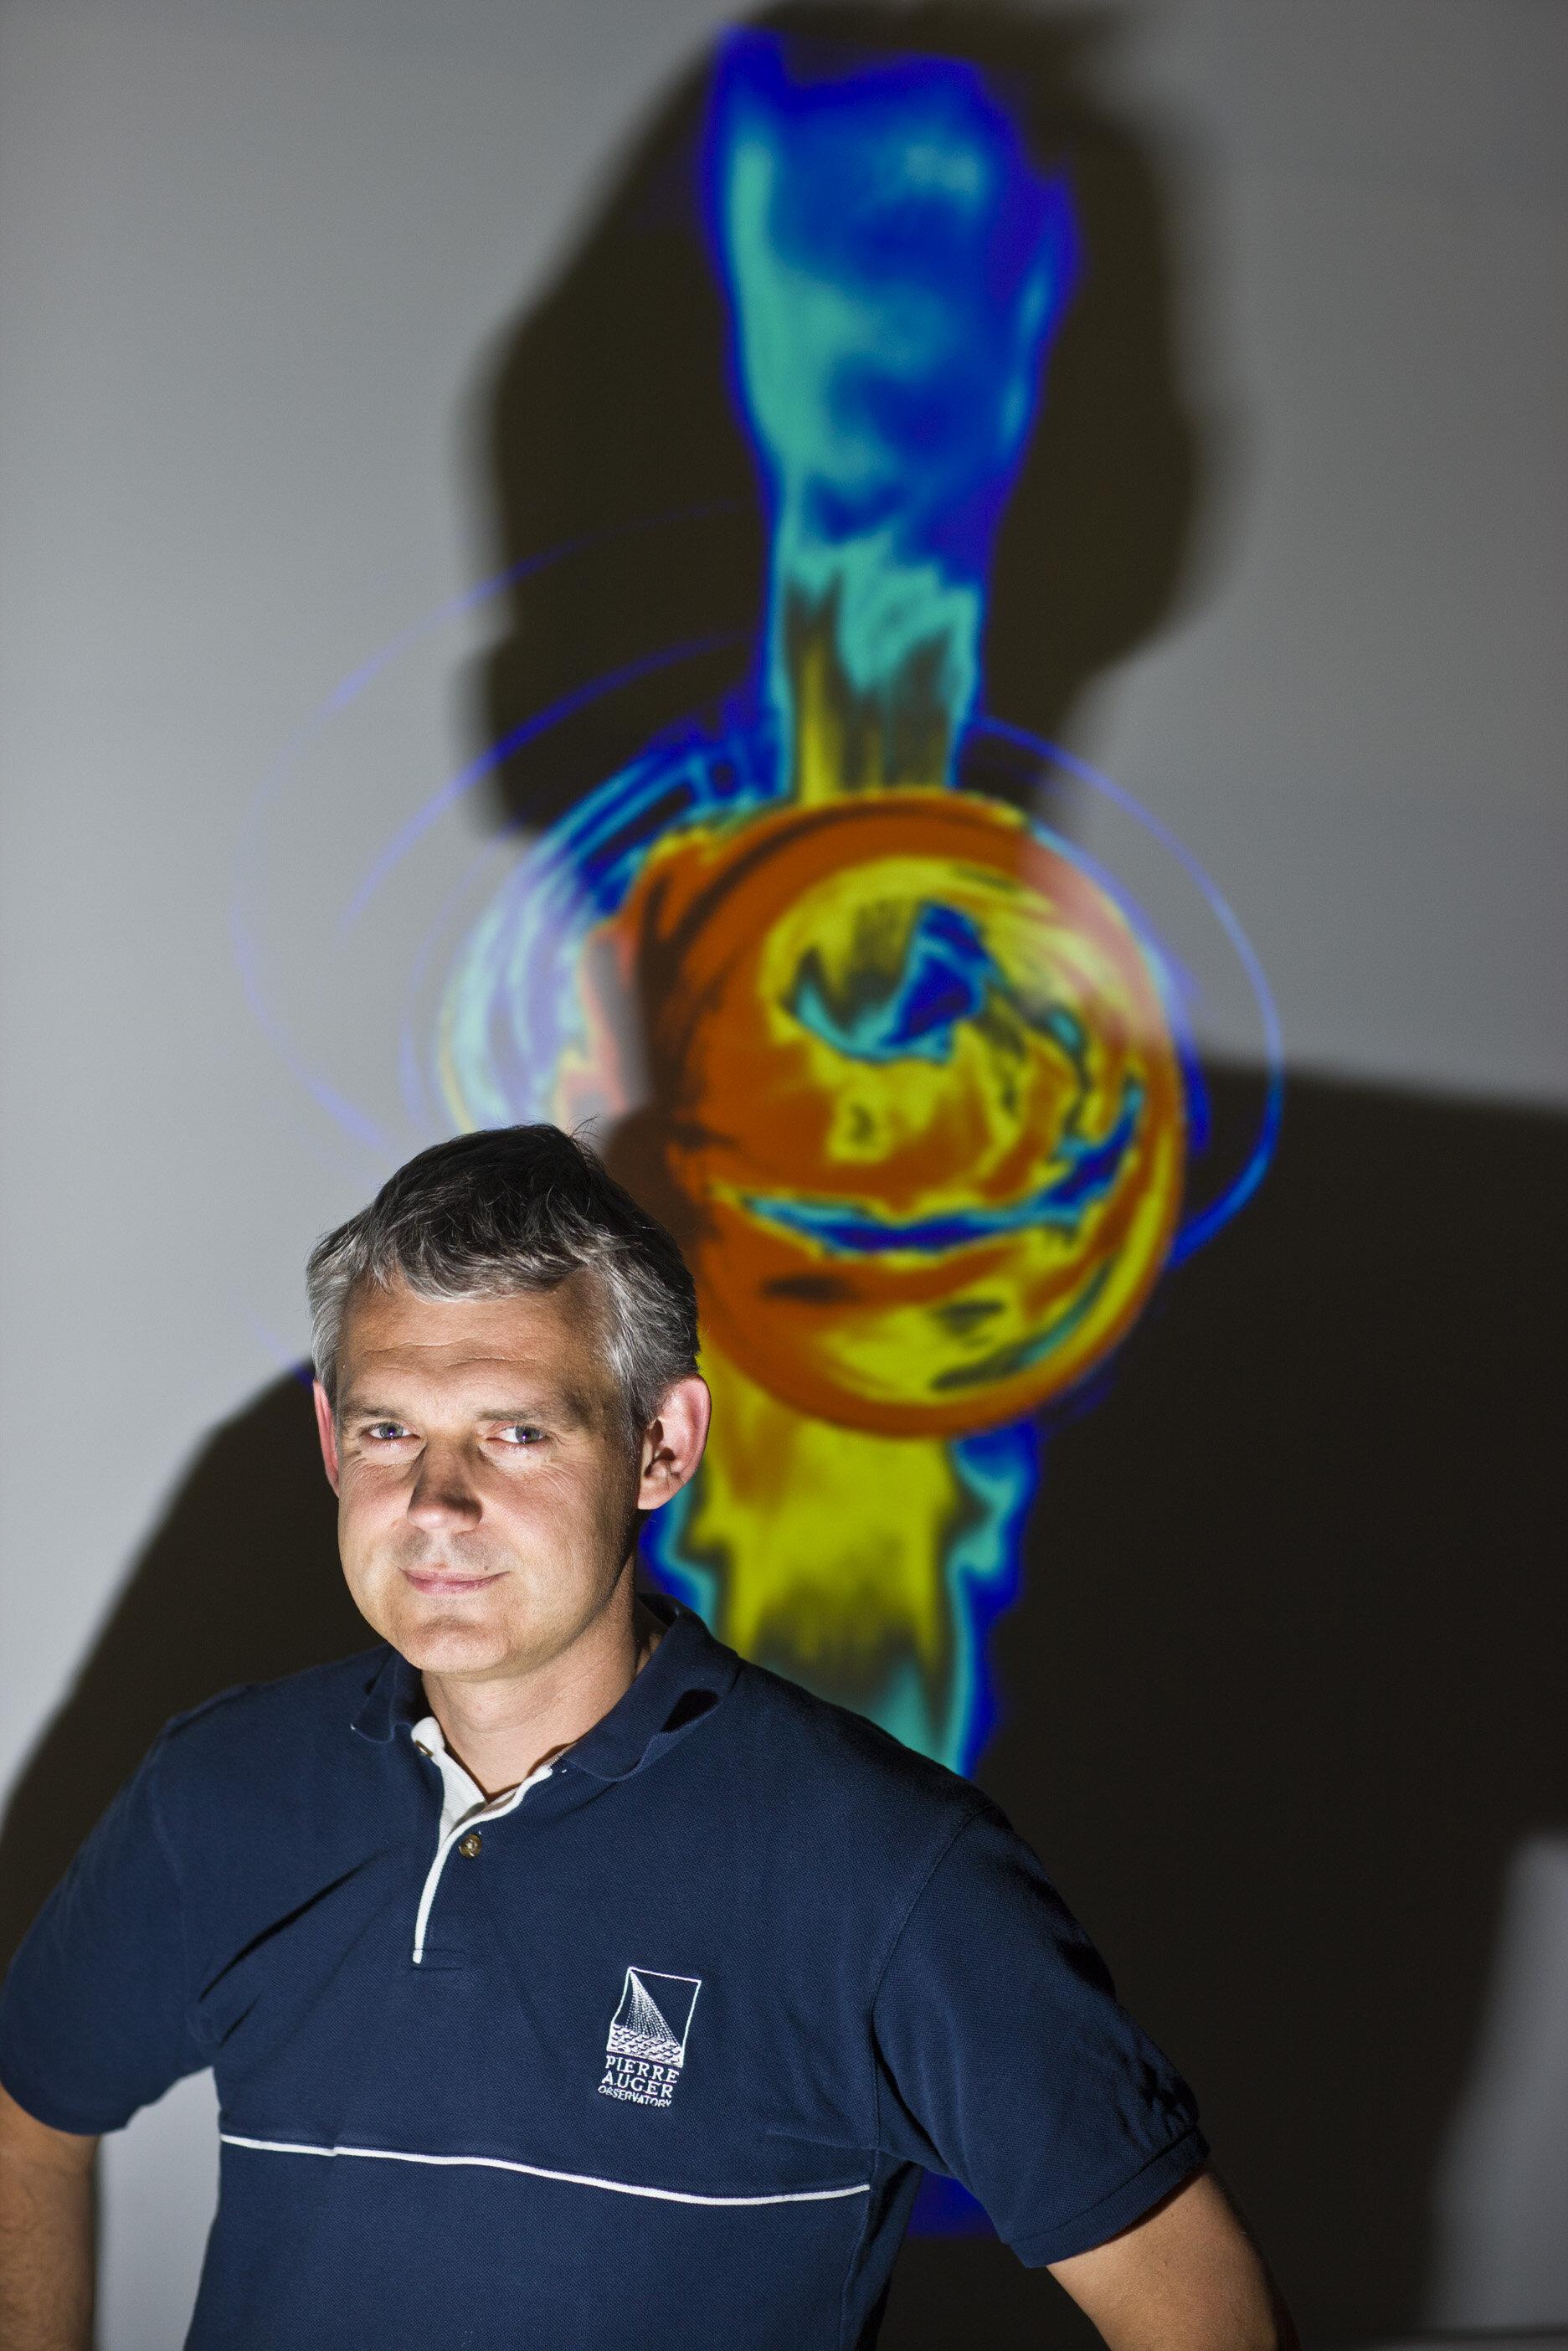 Heino Falcke hoogleraar hoogleraar radioastronomie en astrodeeltjesfysica